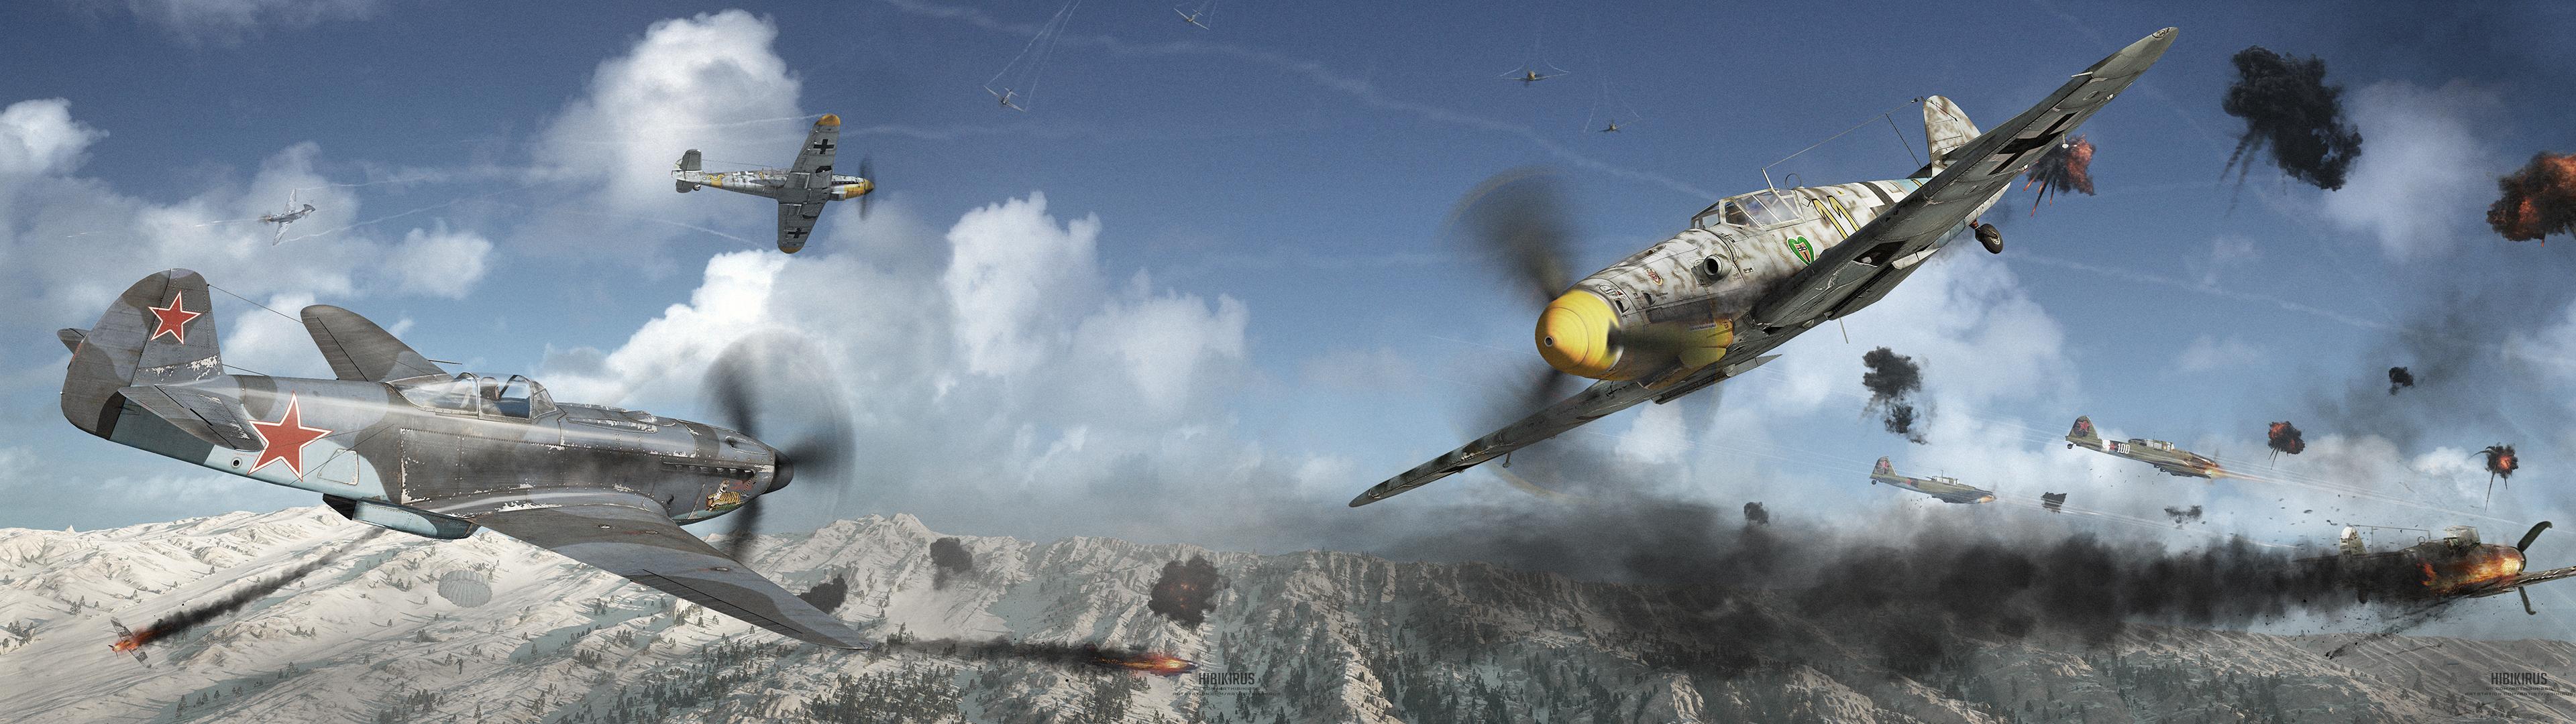 壁紙 3840x1080 描かれた壁紙 戦闘機 Yak 9u Vs Bf 109g 6 ロシアの ドイツ語 航空 3dグラフィックス ダウンロード 写真